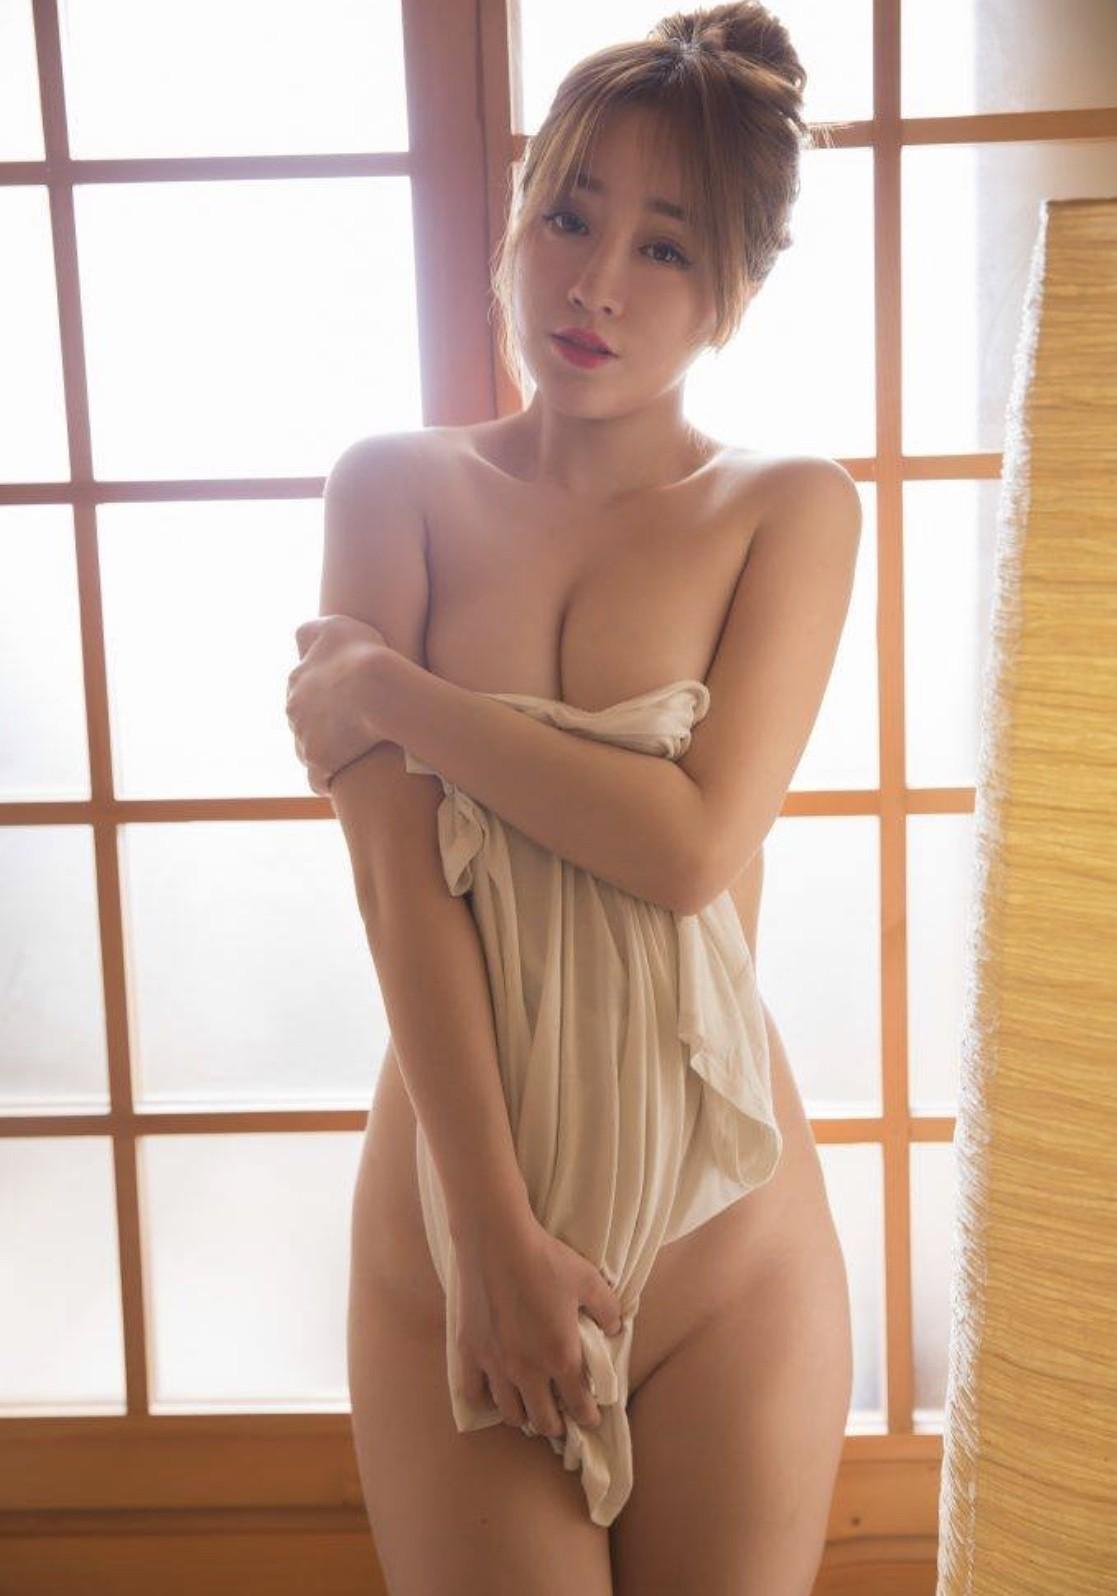 Erotic milf sex